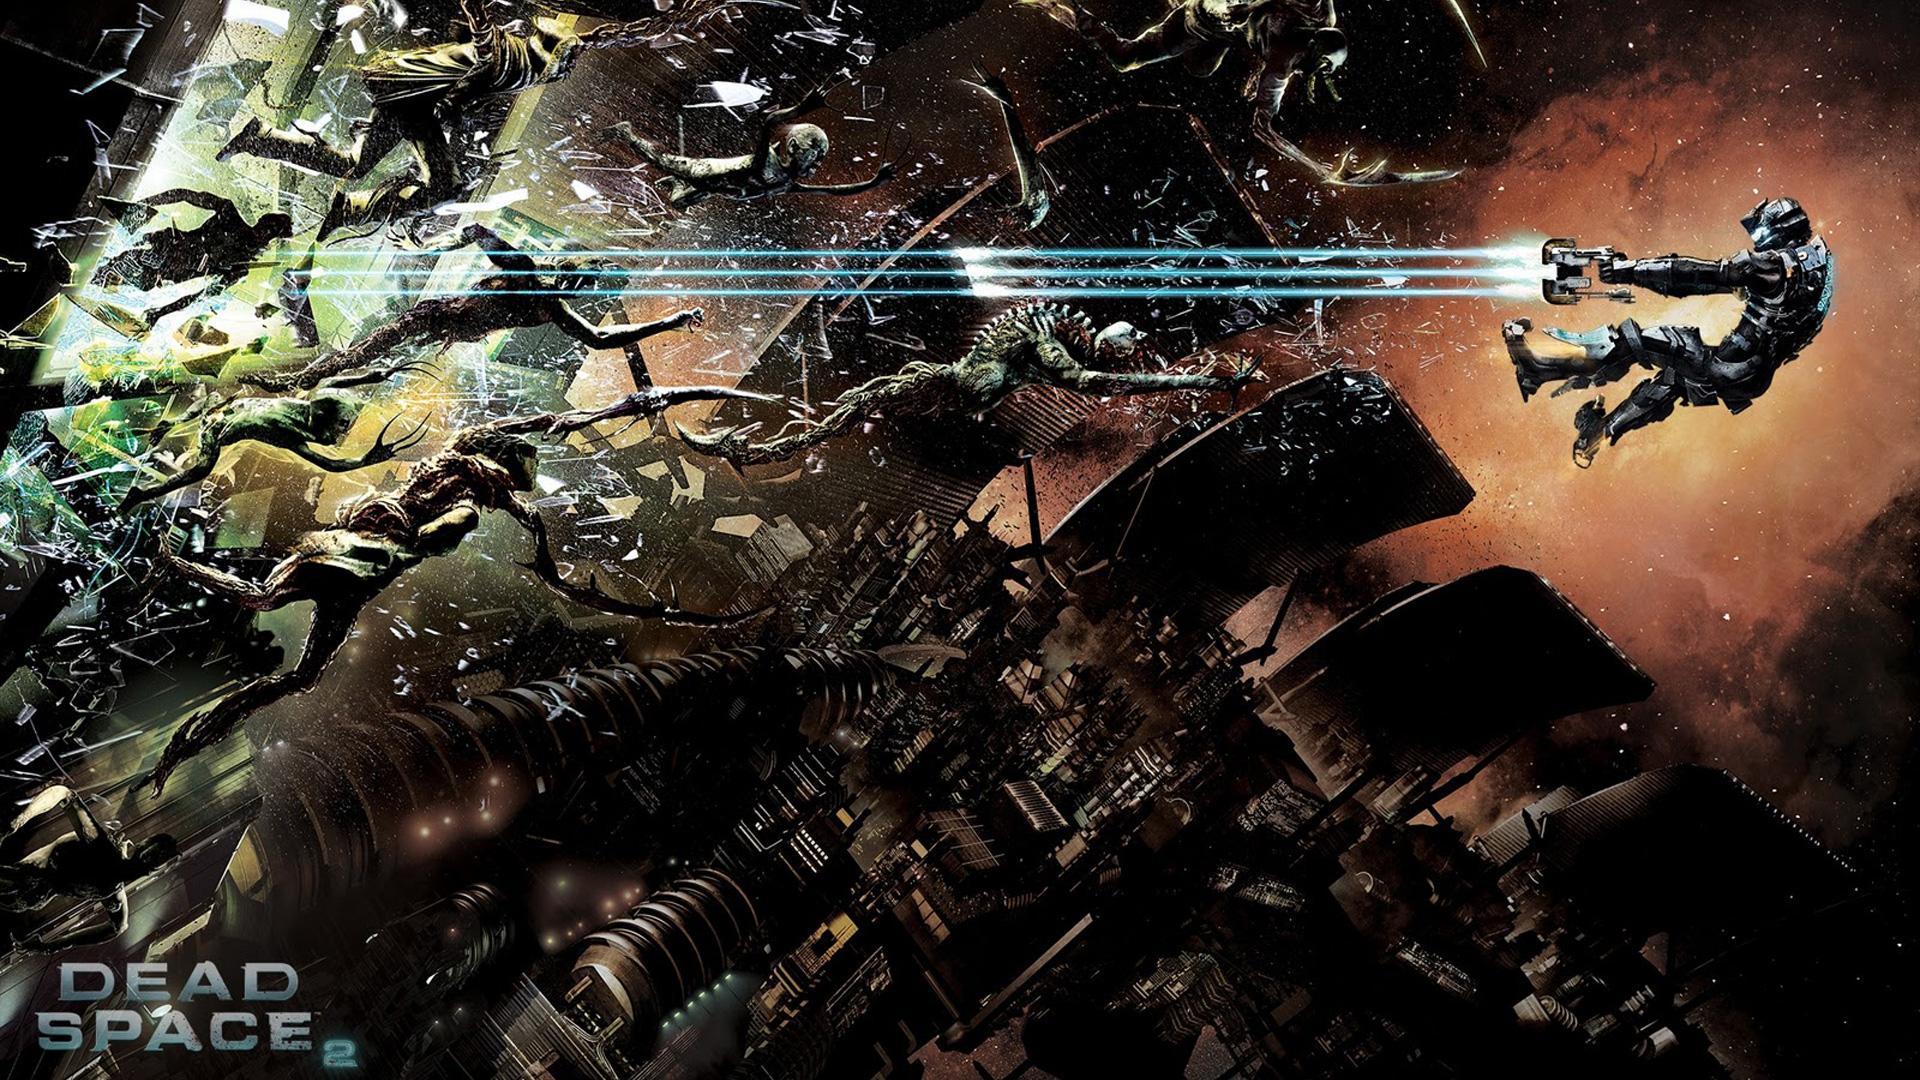 Dead Space 2 wallpaper 7